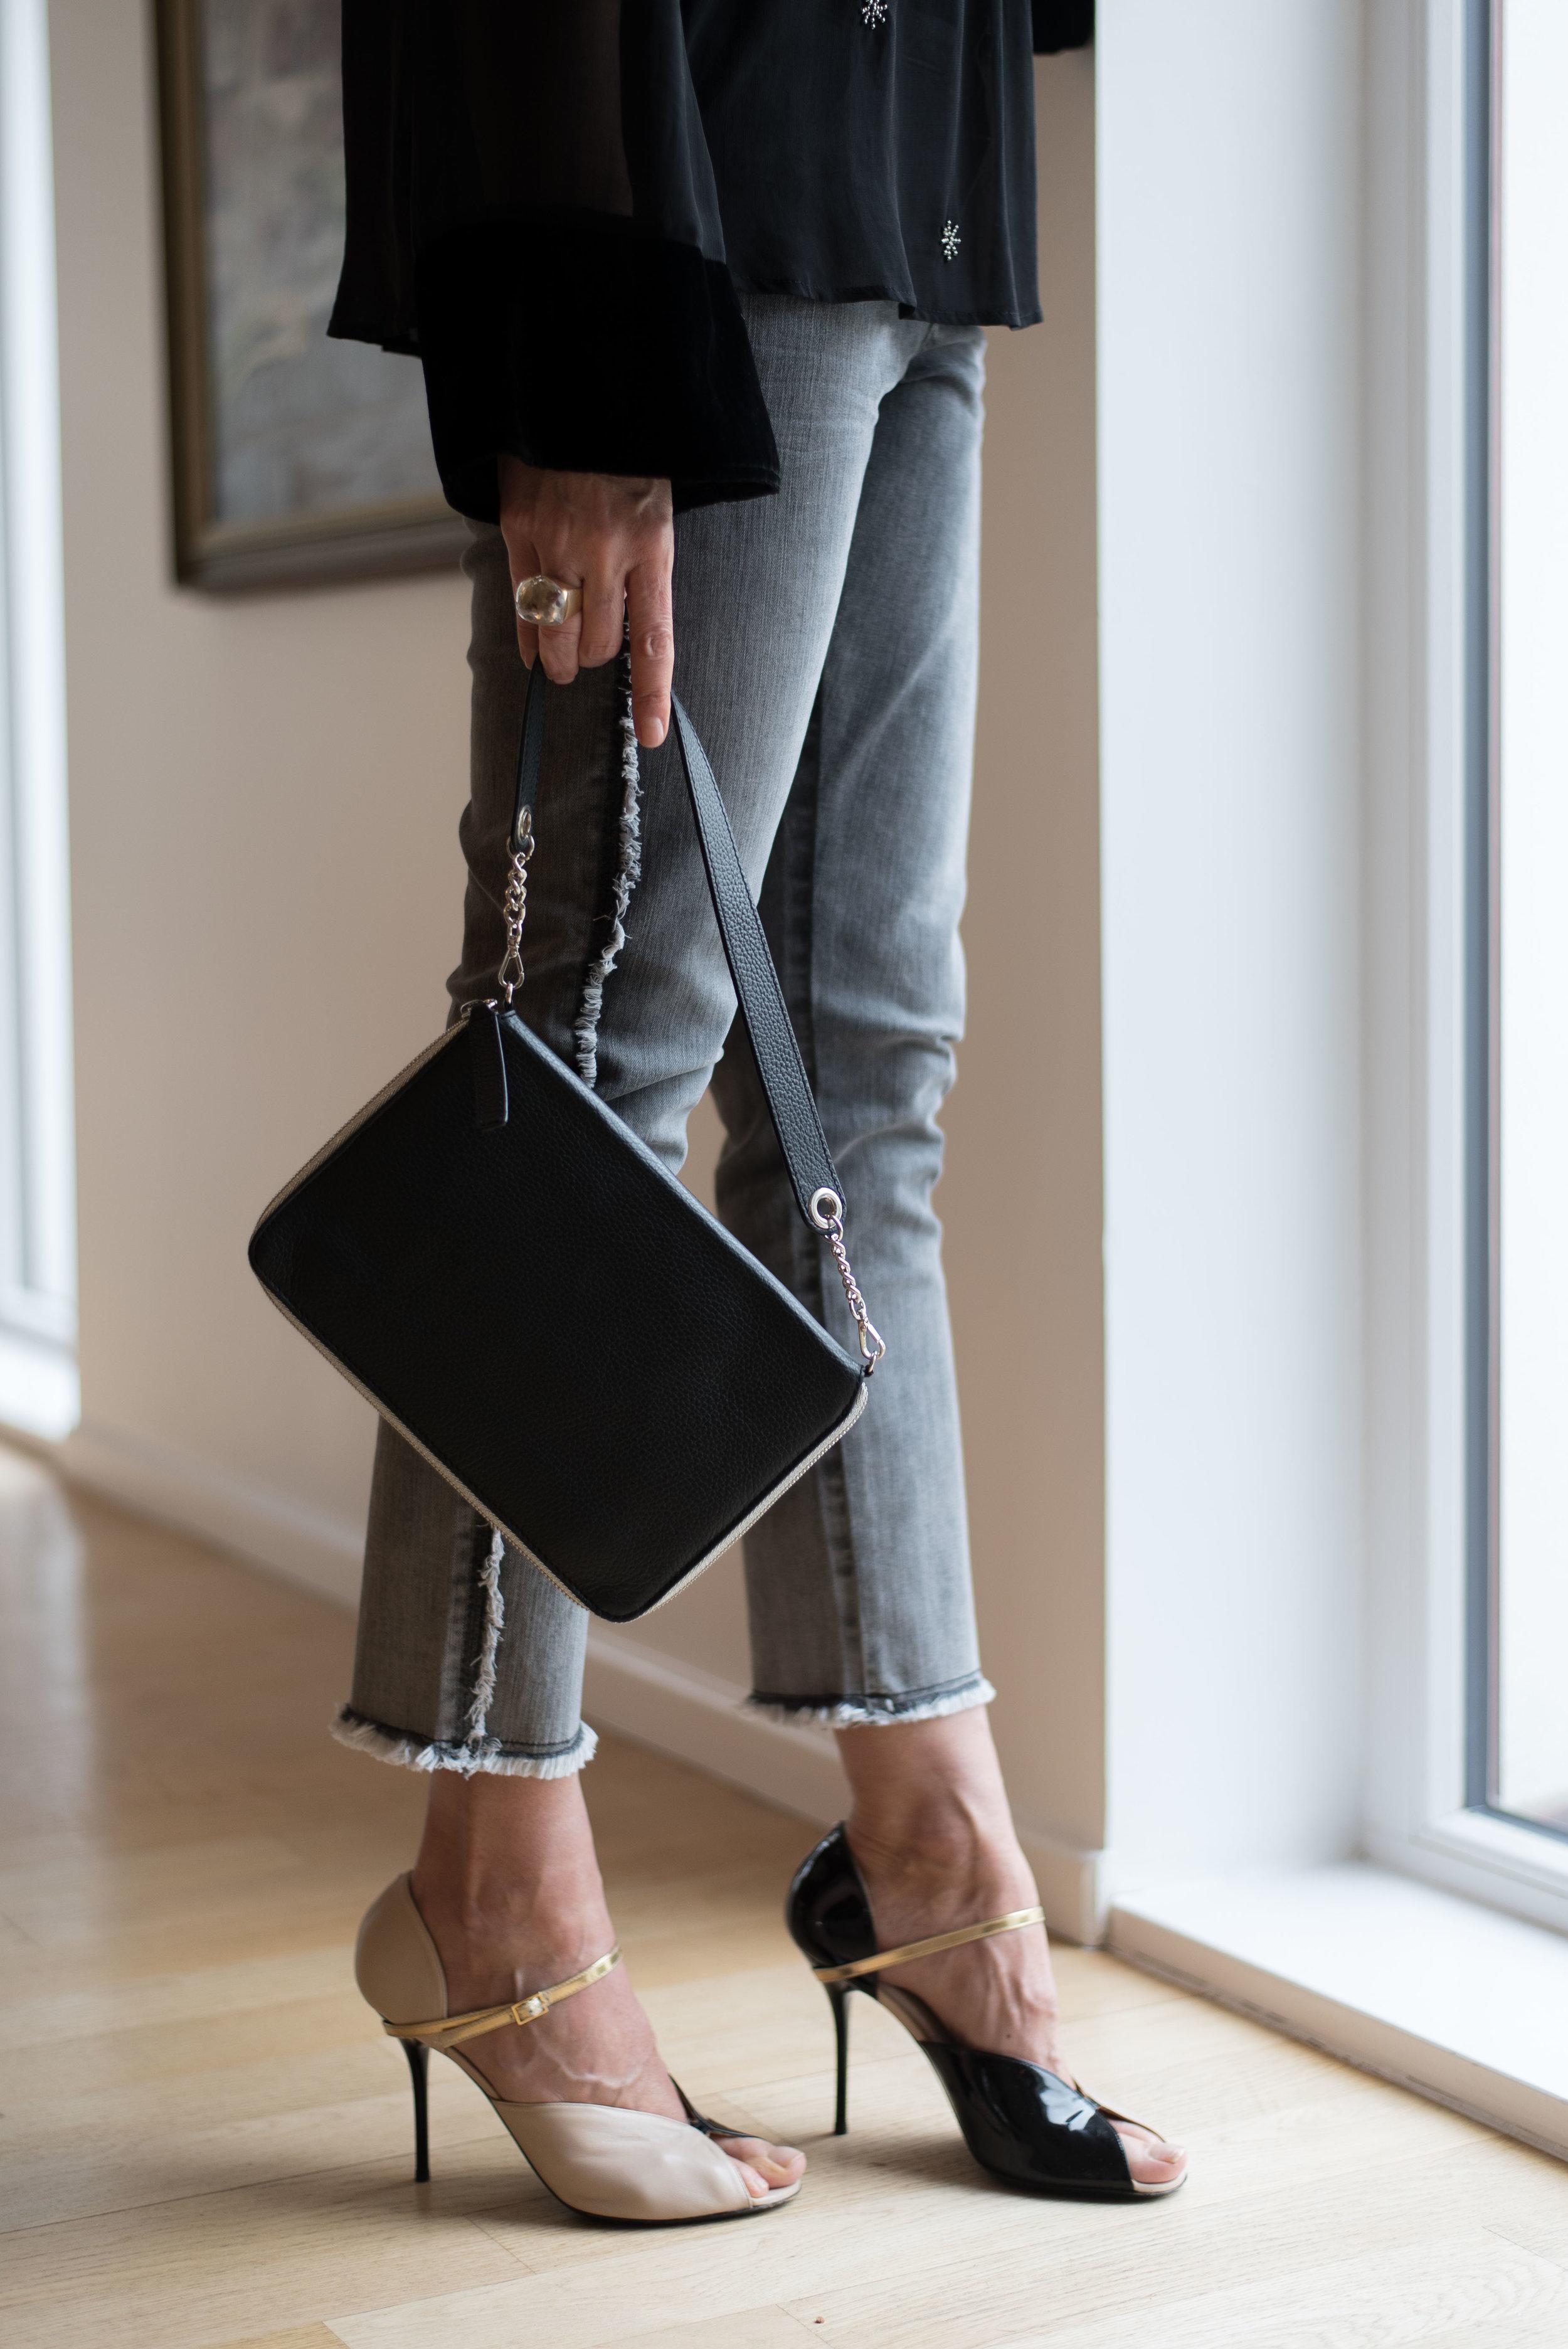 BeFifty Blog für Frauen über 50 Fashion NASCHBAG TASCHE DAWN Jeans Outfit